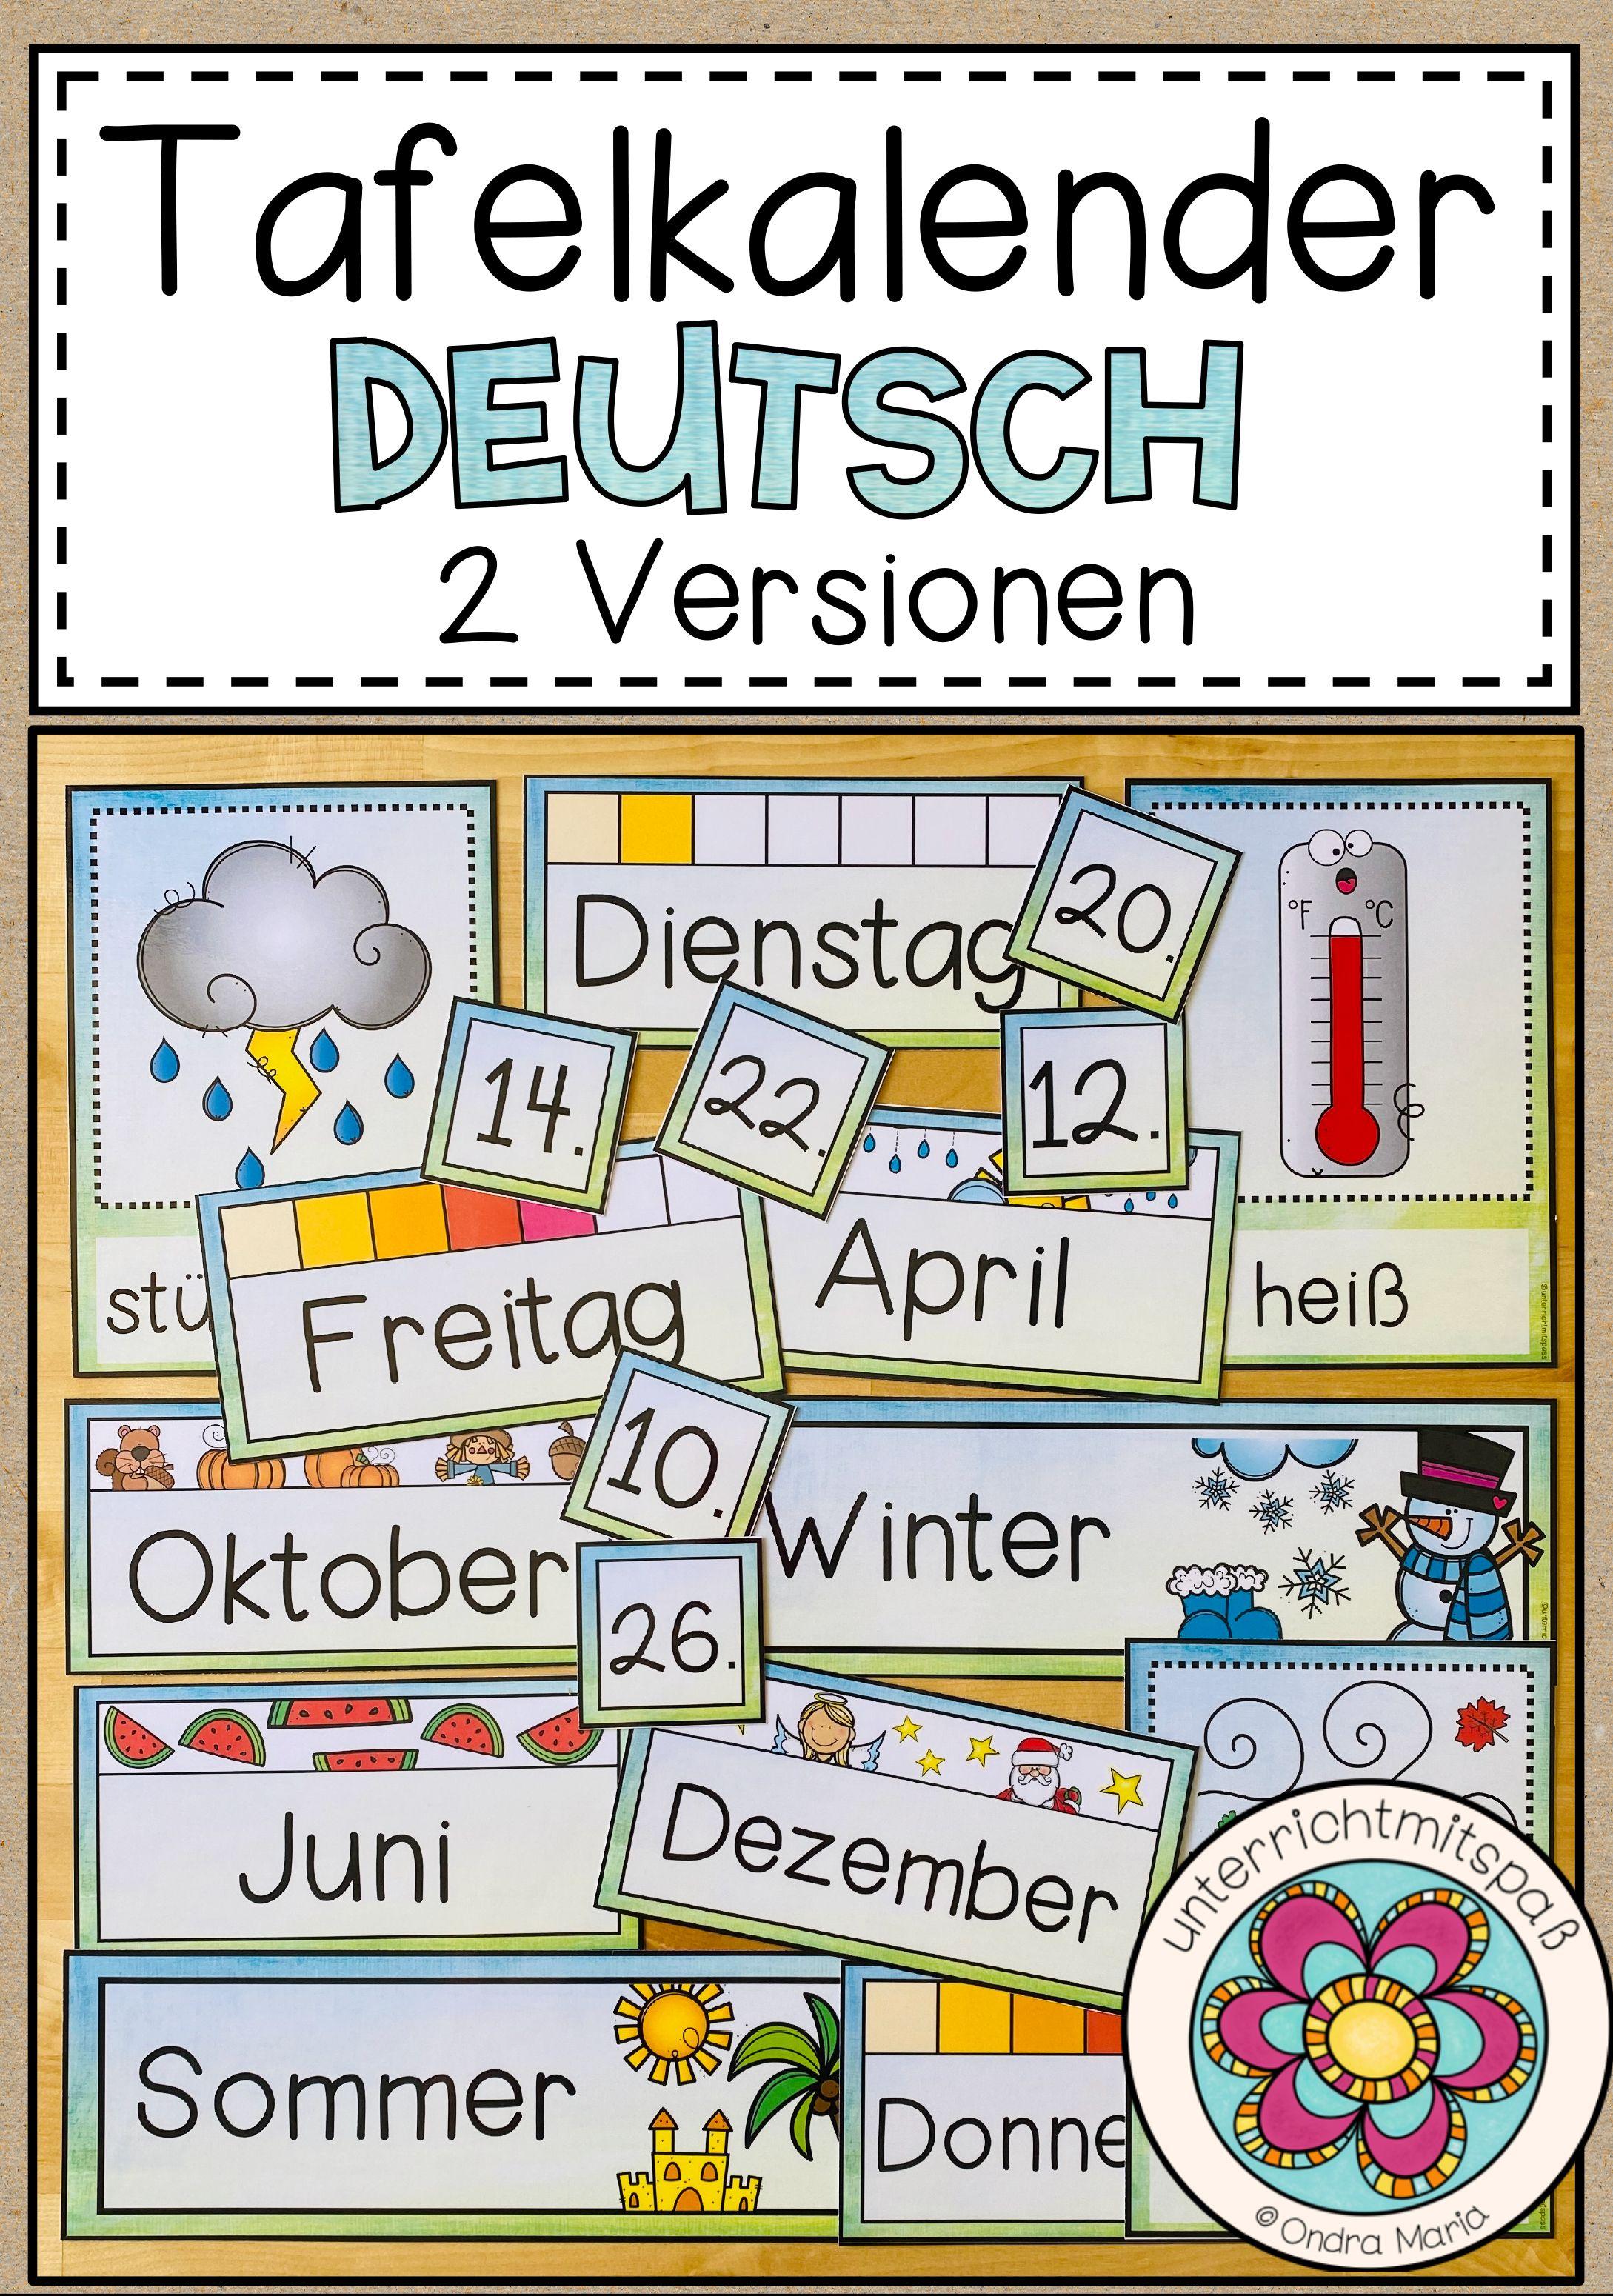 tafelkalender deutsch 2 versionen  unterrichtsmaterial